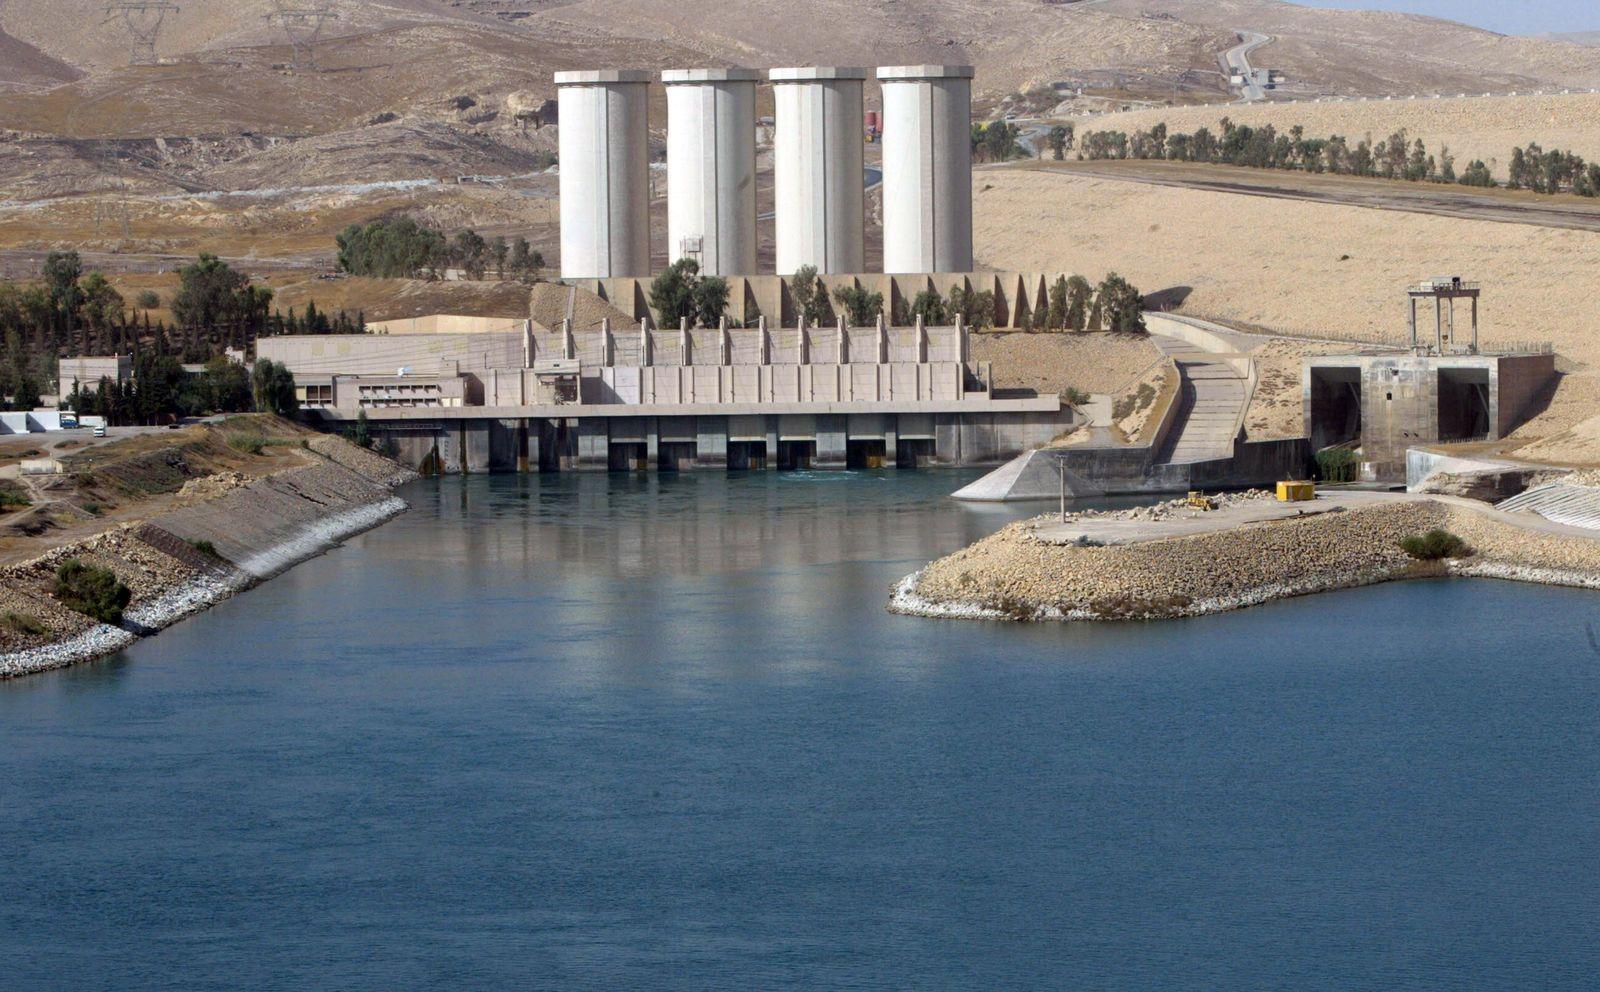 Irak/ Mosul Staudamm